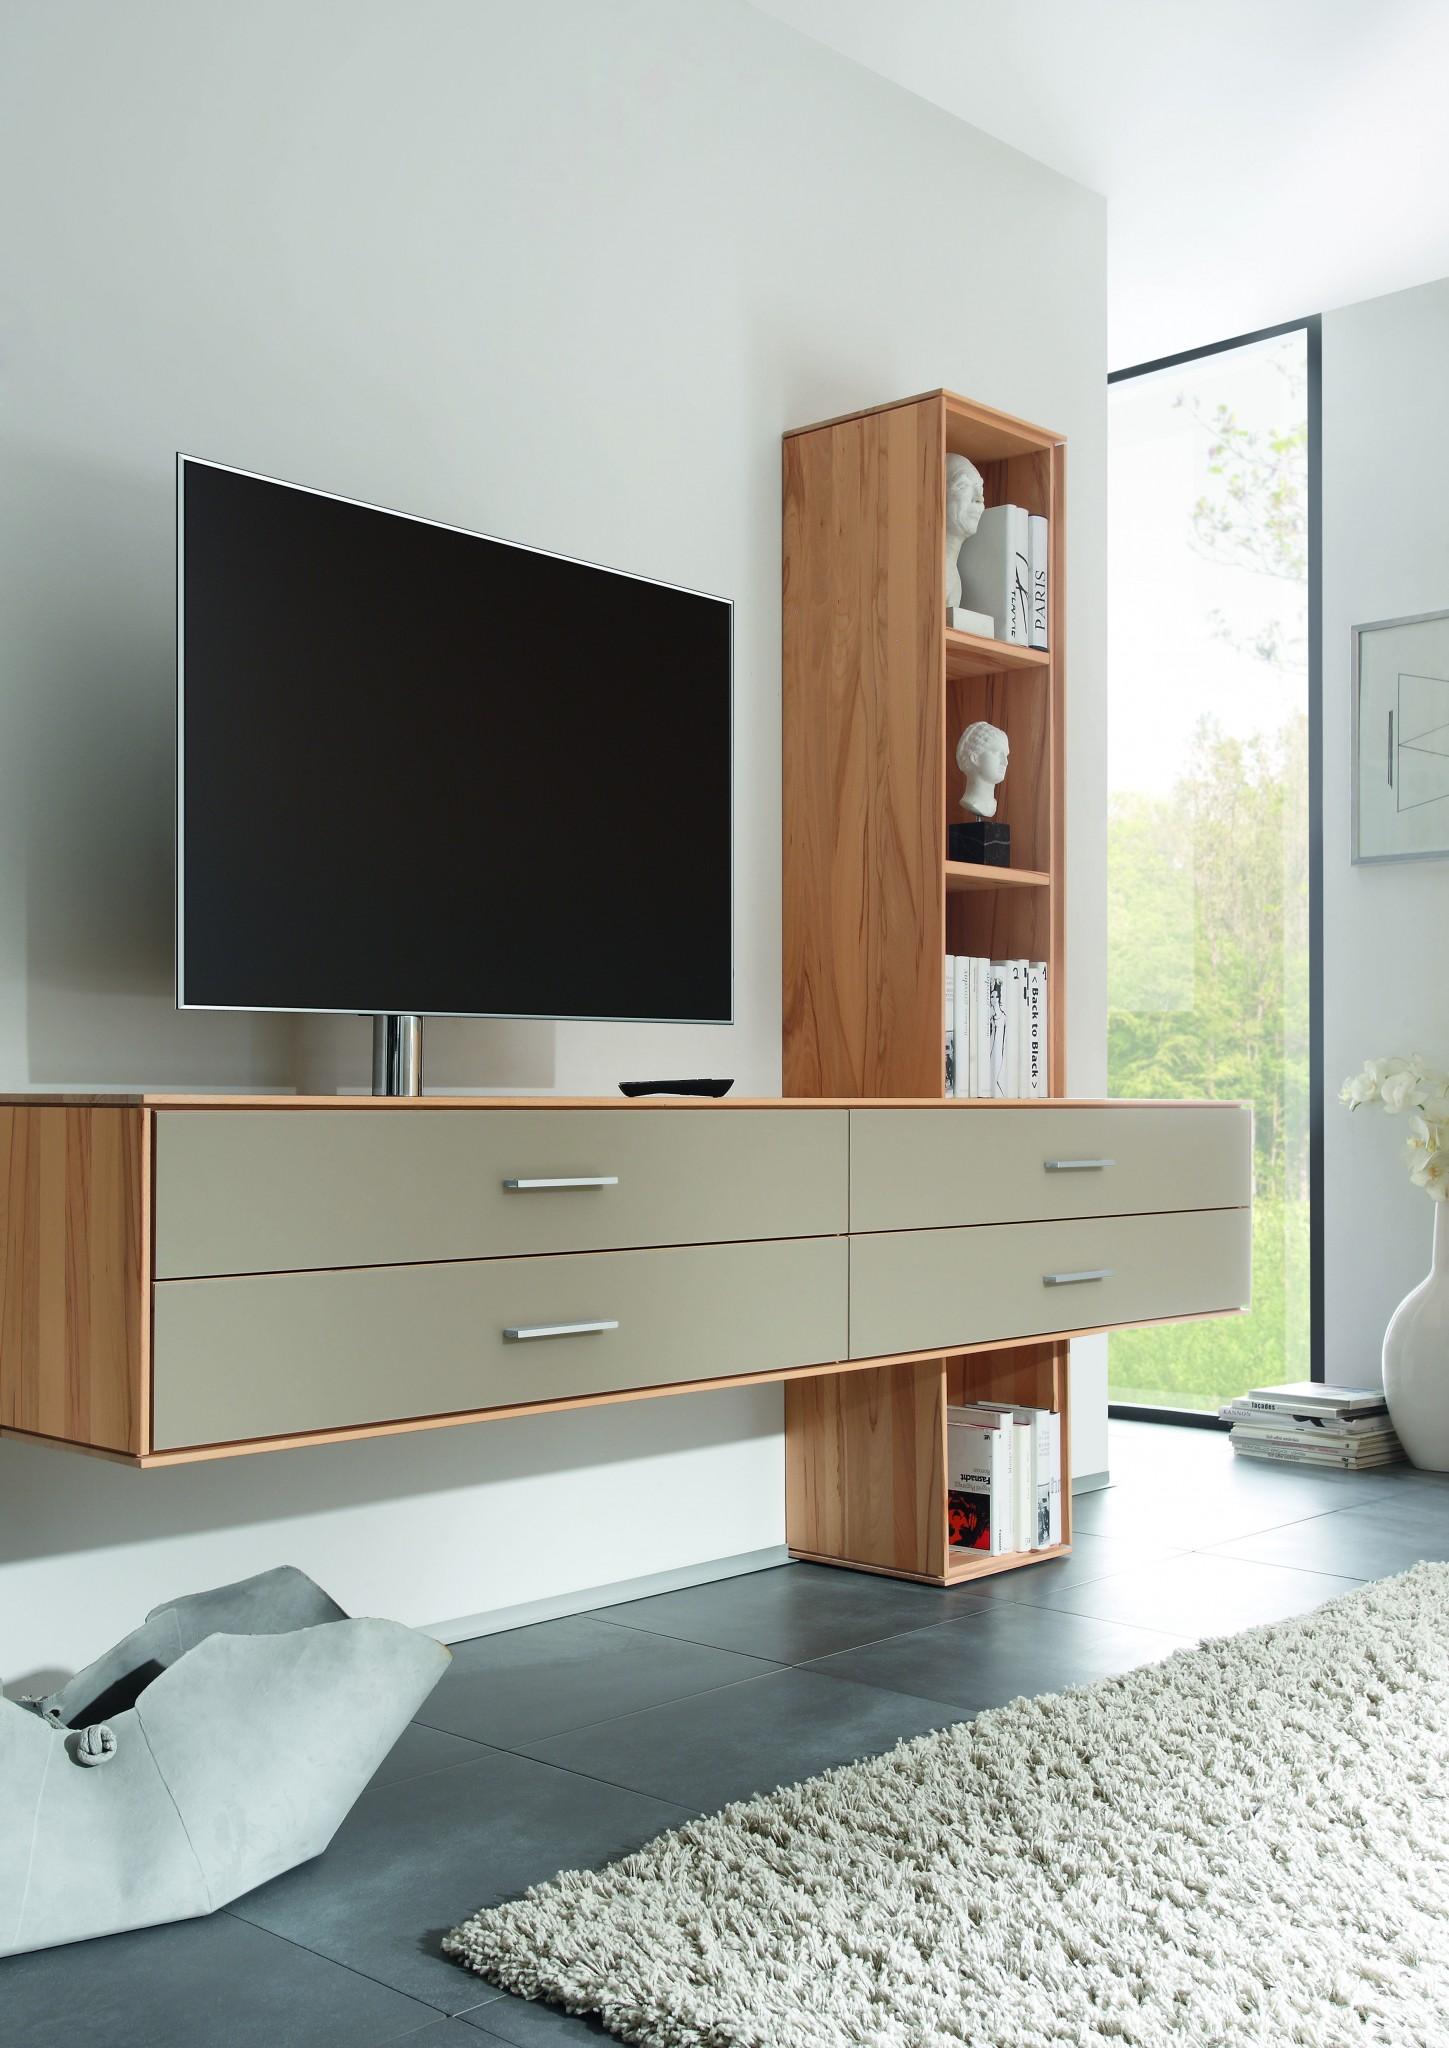 mira h ngekommode mit regal als tv standort m bel polt m belhaus. Black Bedroom Furniture Sets. Home Design Ideas